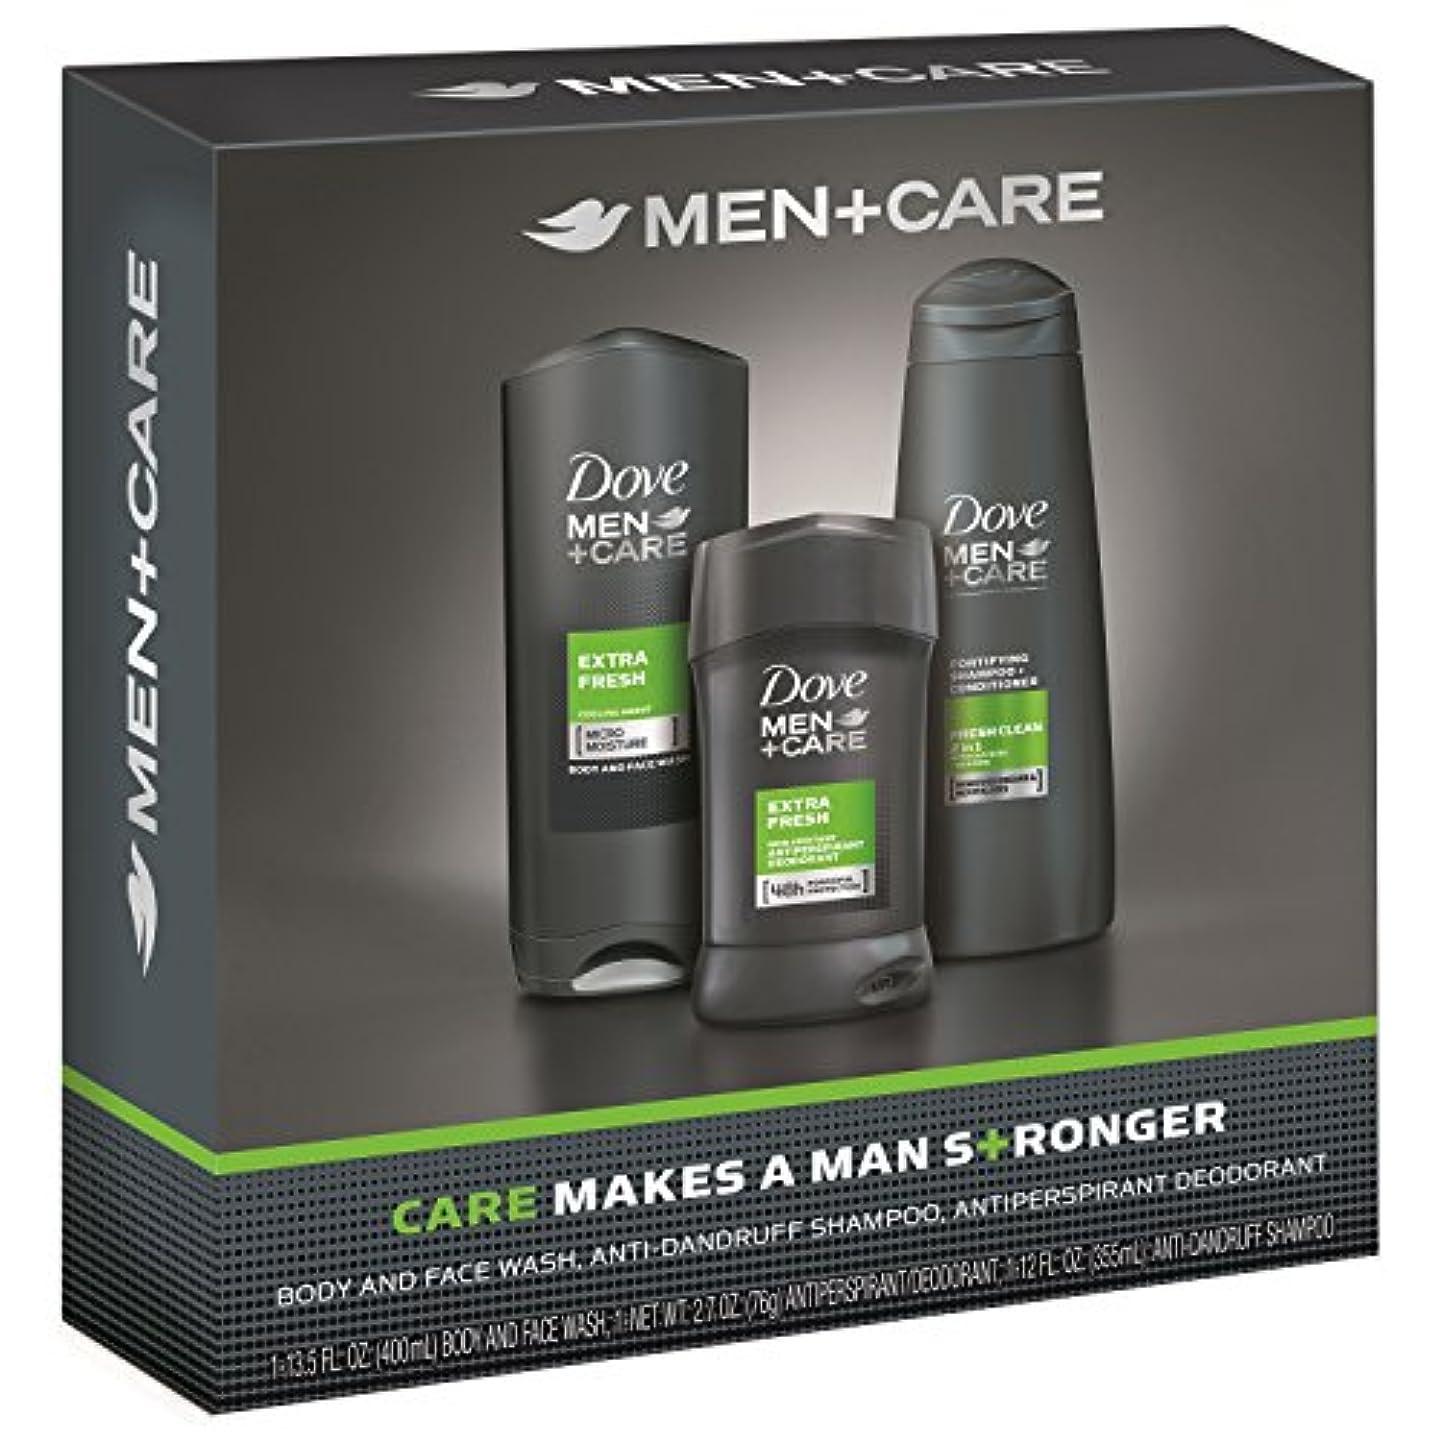 不器用窓サイバースペースDove Men+Care Gift Pack Extra Fresh ダブ メンプラスケア ギフトパック エクストラフレッシュ